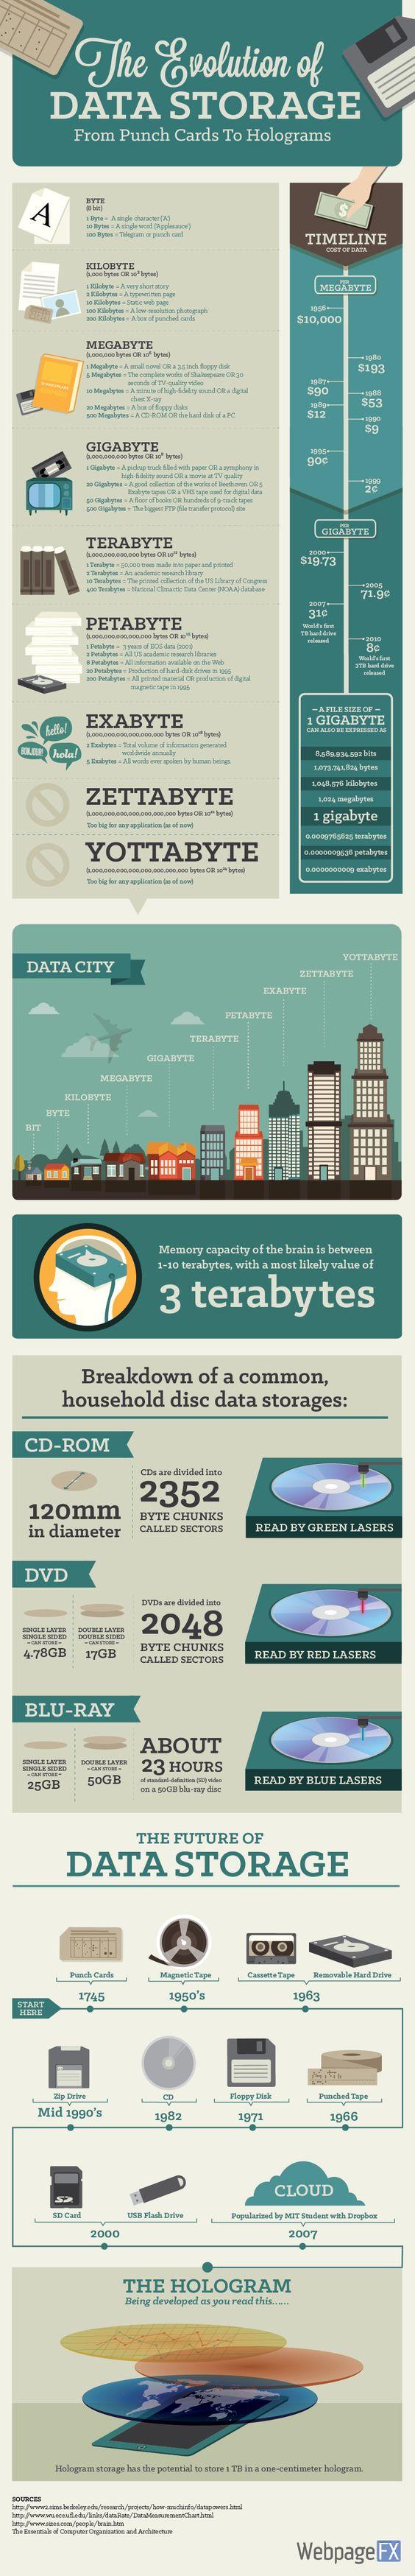 La evolución del almacenamiento de datos #infografia #infographic